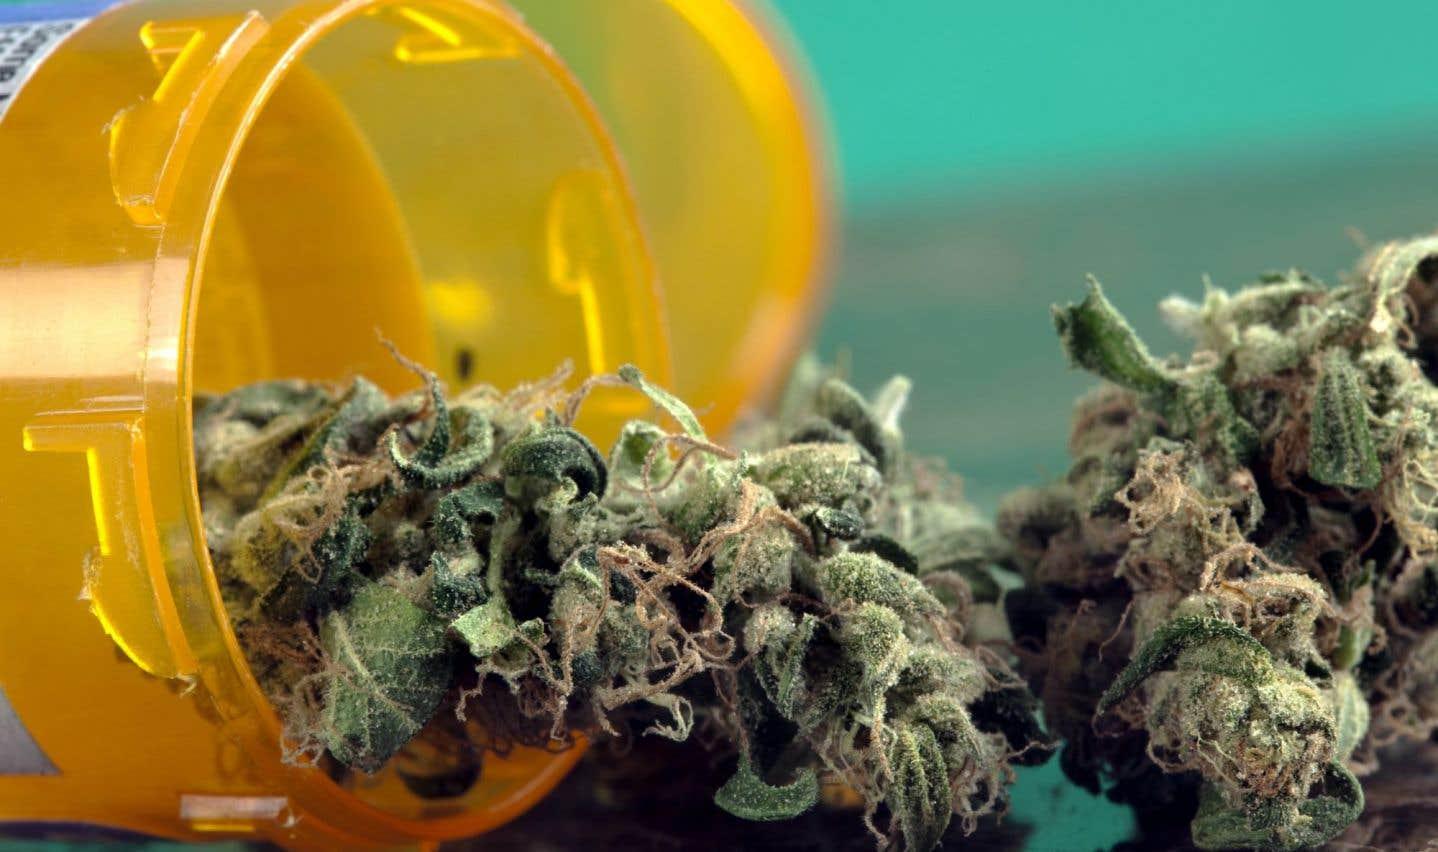 L'usage du cannabis pourrait contribuer à réduire les surdoses d'opioïdes